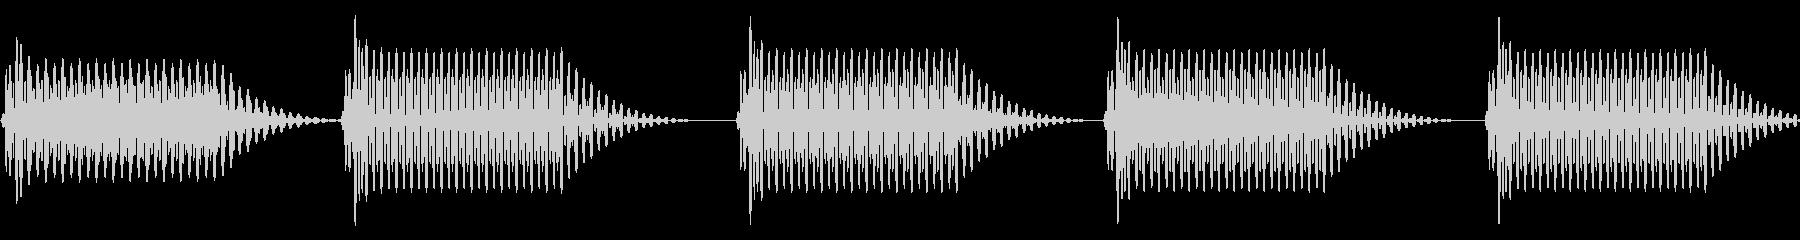 往年のRPG風 セリフ・吹き出し音 6の未再生の波形